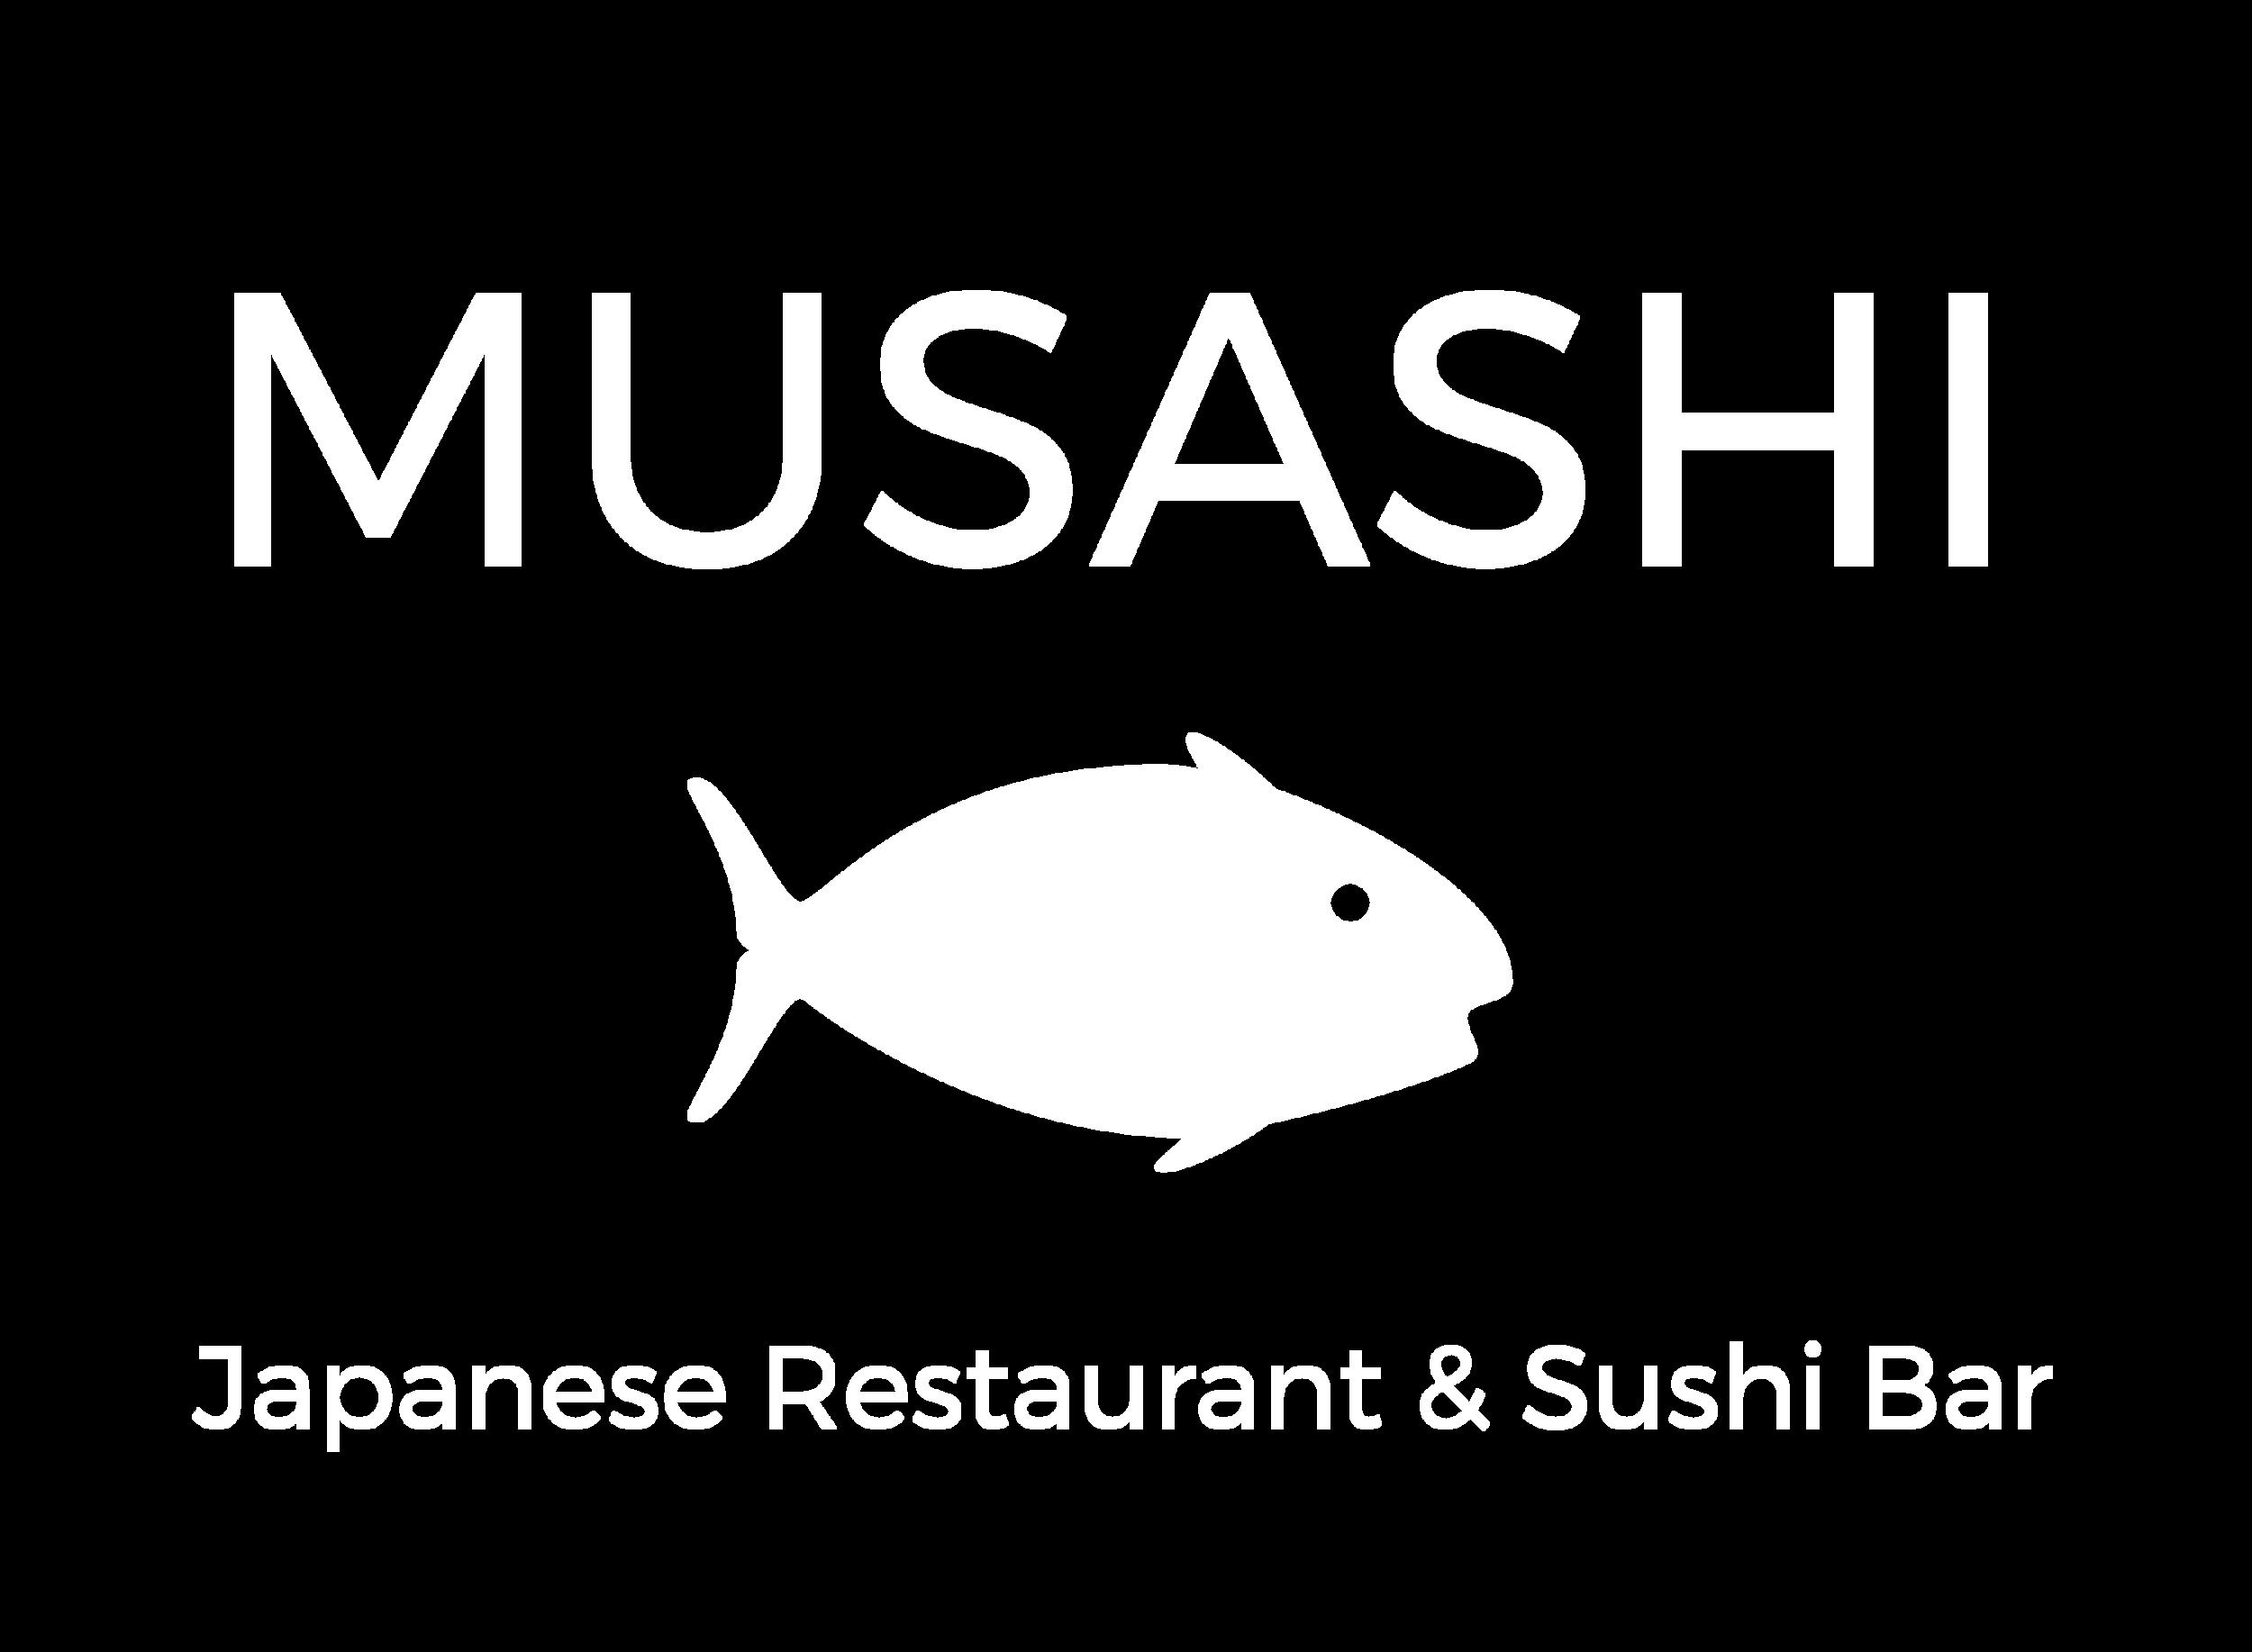 MUSASHI -logo-white Tuna.png